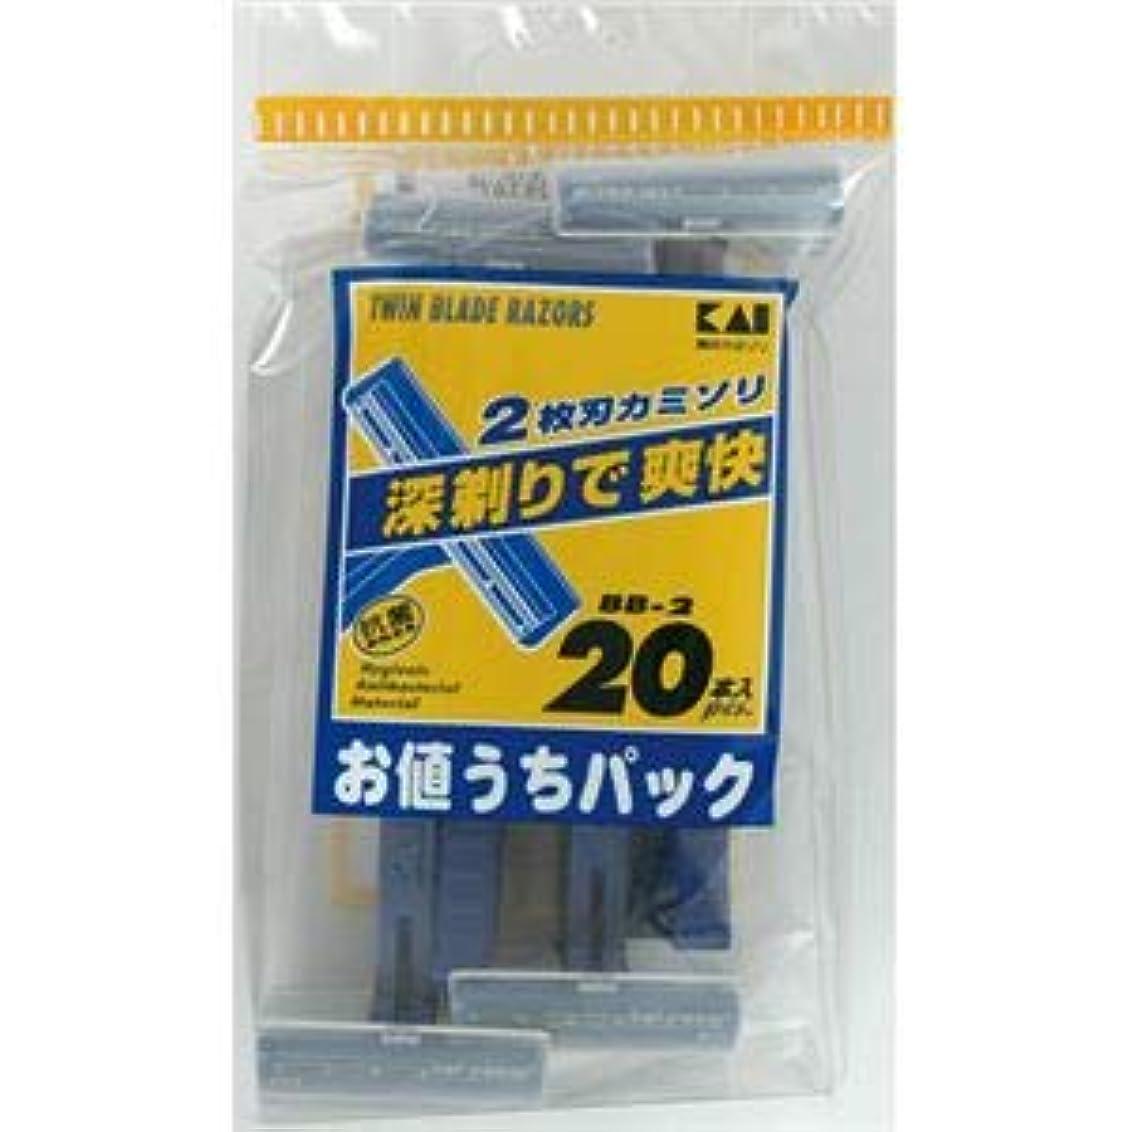 シェア精算感謝祭(業務用20セット) 貝印 BB-2 2枚刃カミソリ 20本